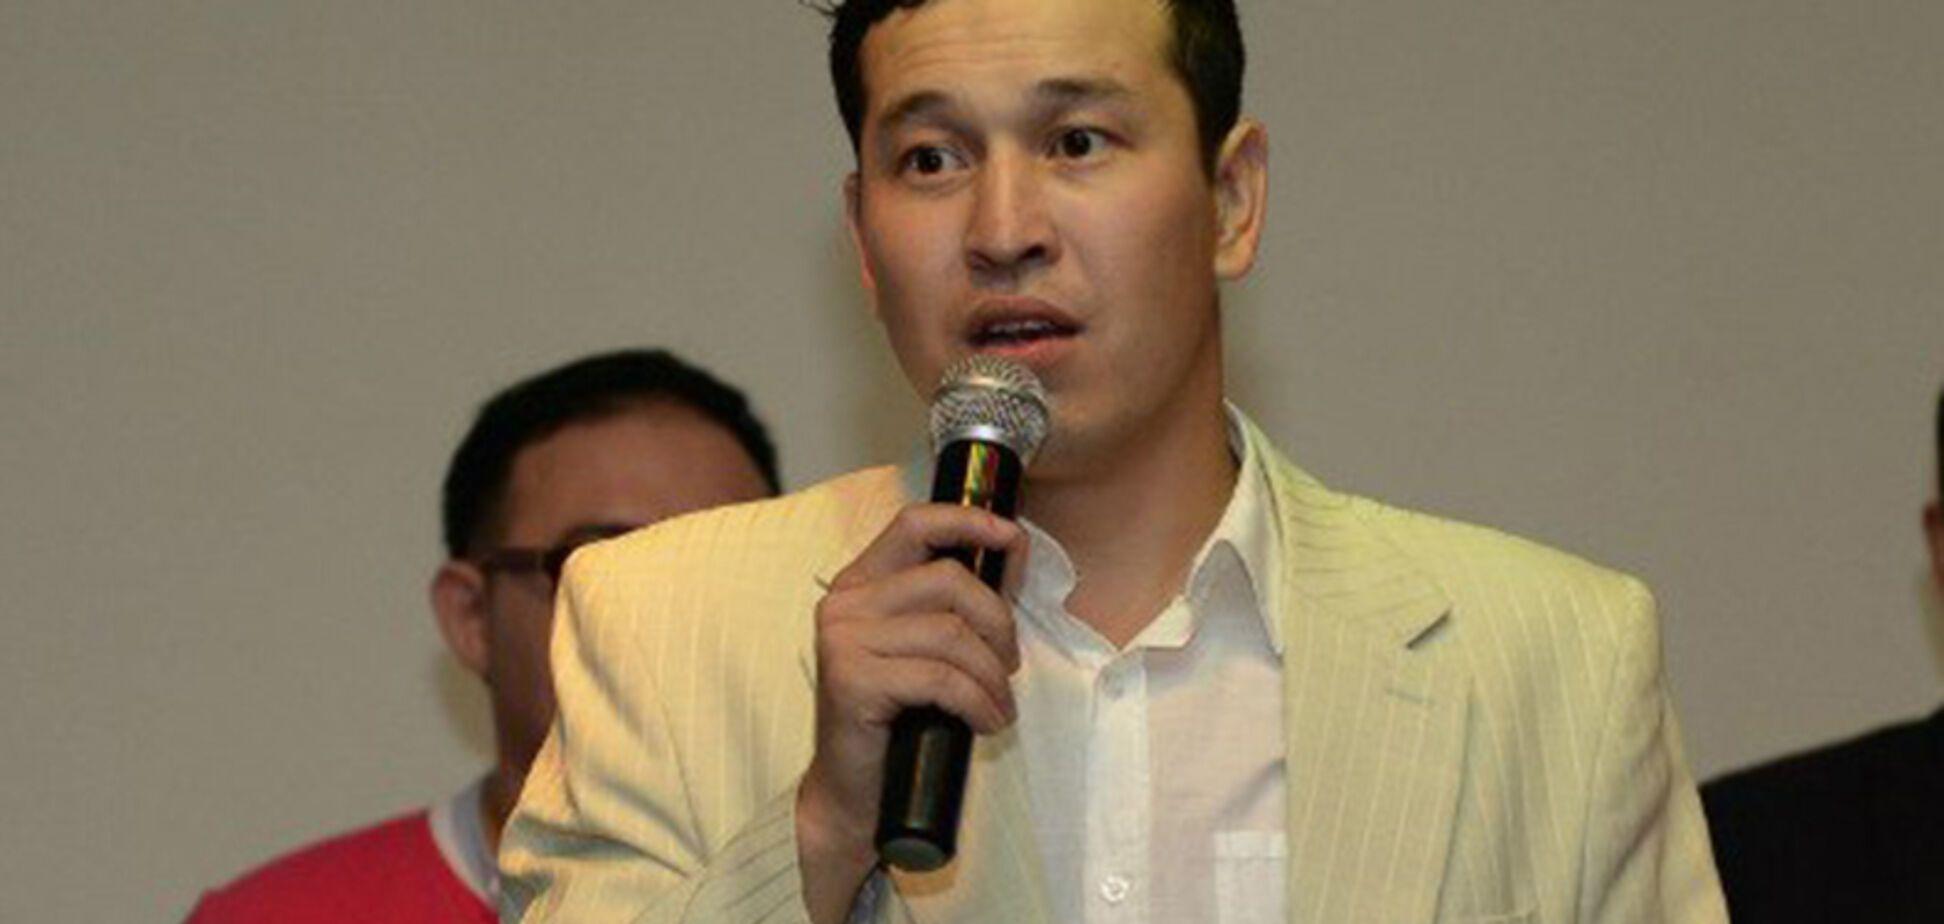 В Казахстане убили экс-звезду КВН